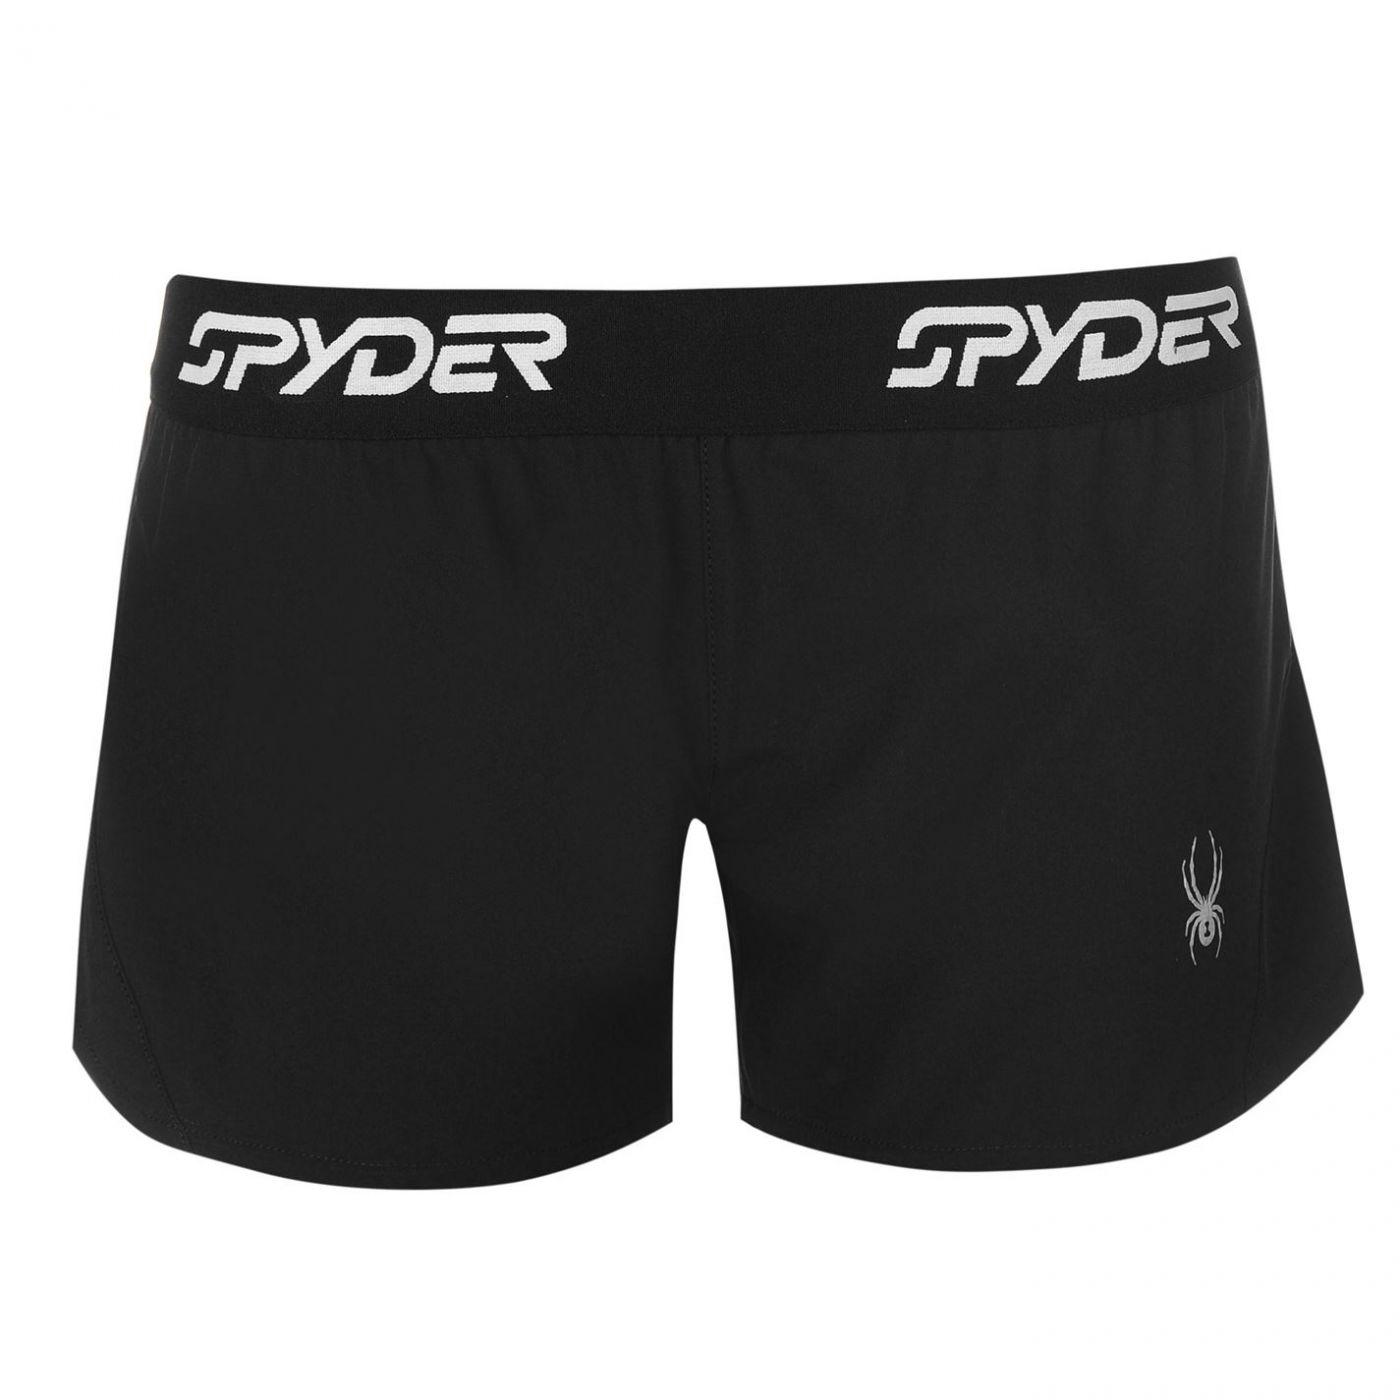 Spyder Vista Shorts Ld74